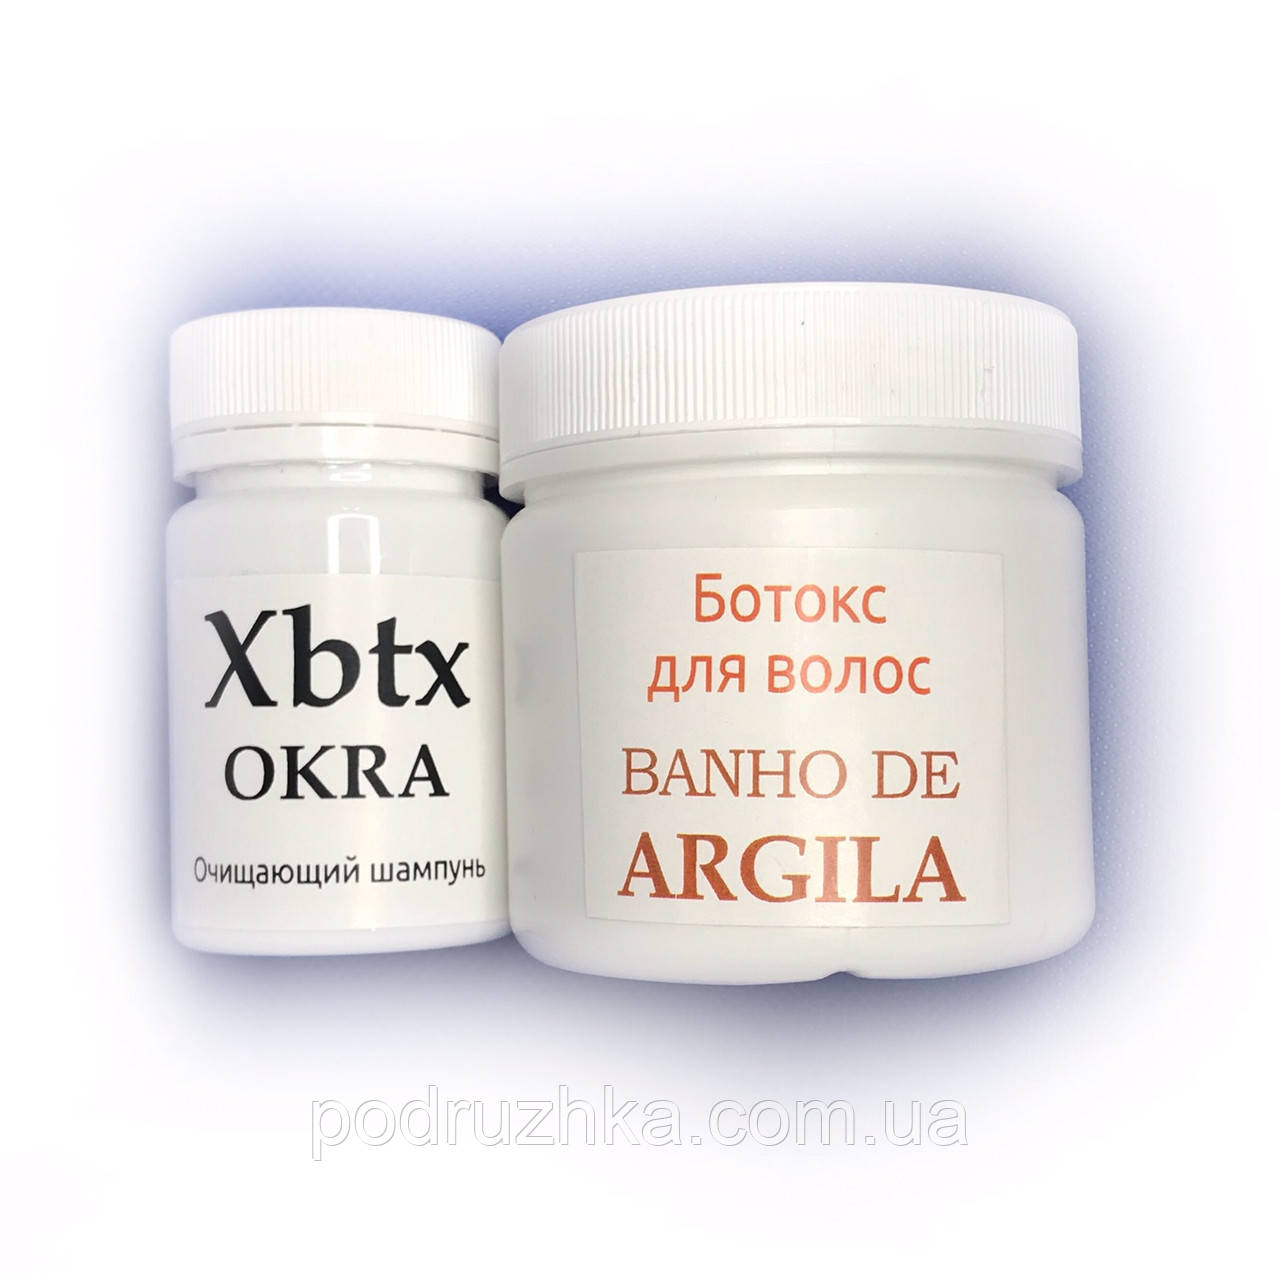 Набор ботокс для волос Xmix Banho de Argila 100/200 г